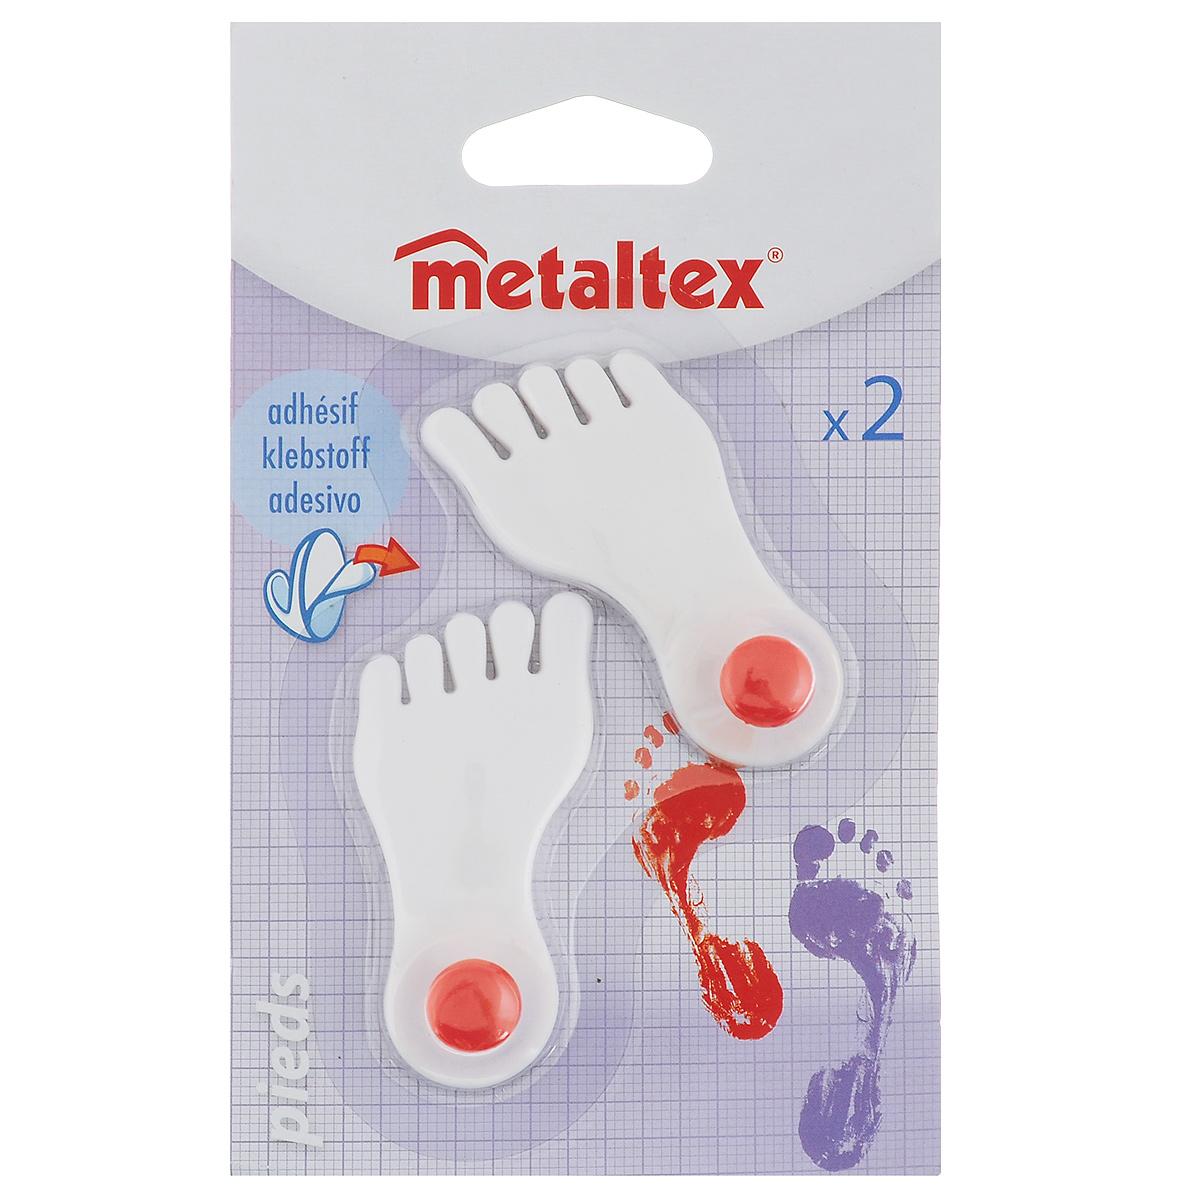 Набор крючков Metaltex Pieds, 2 шт68/5/3Набор настенных крючков Metaltex Pieds изготовлен из прочного пластика в виде левой и правой ножки. Они прекрасно подойдут для вашей ванной комнаты или кухни и не займут много места, надежно выдержав все, что вы на них повесите. Крючки могут крепится на стену с помощью липкой ленты которая находится на задней стороне крючка.Размер крючка: 3 см х 1,5 см х 6,5 см.Комплектация: 2 шт.